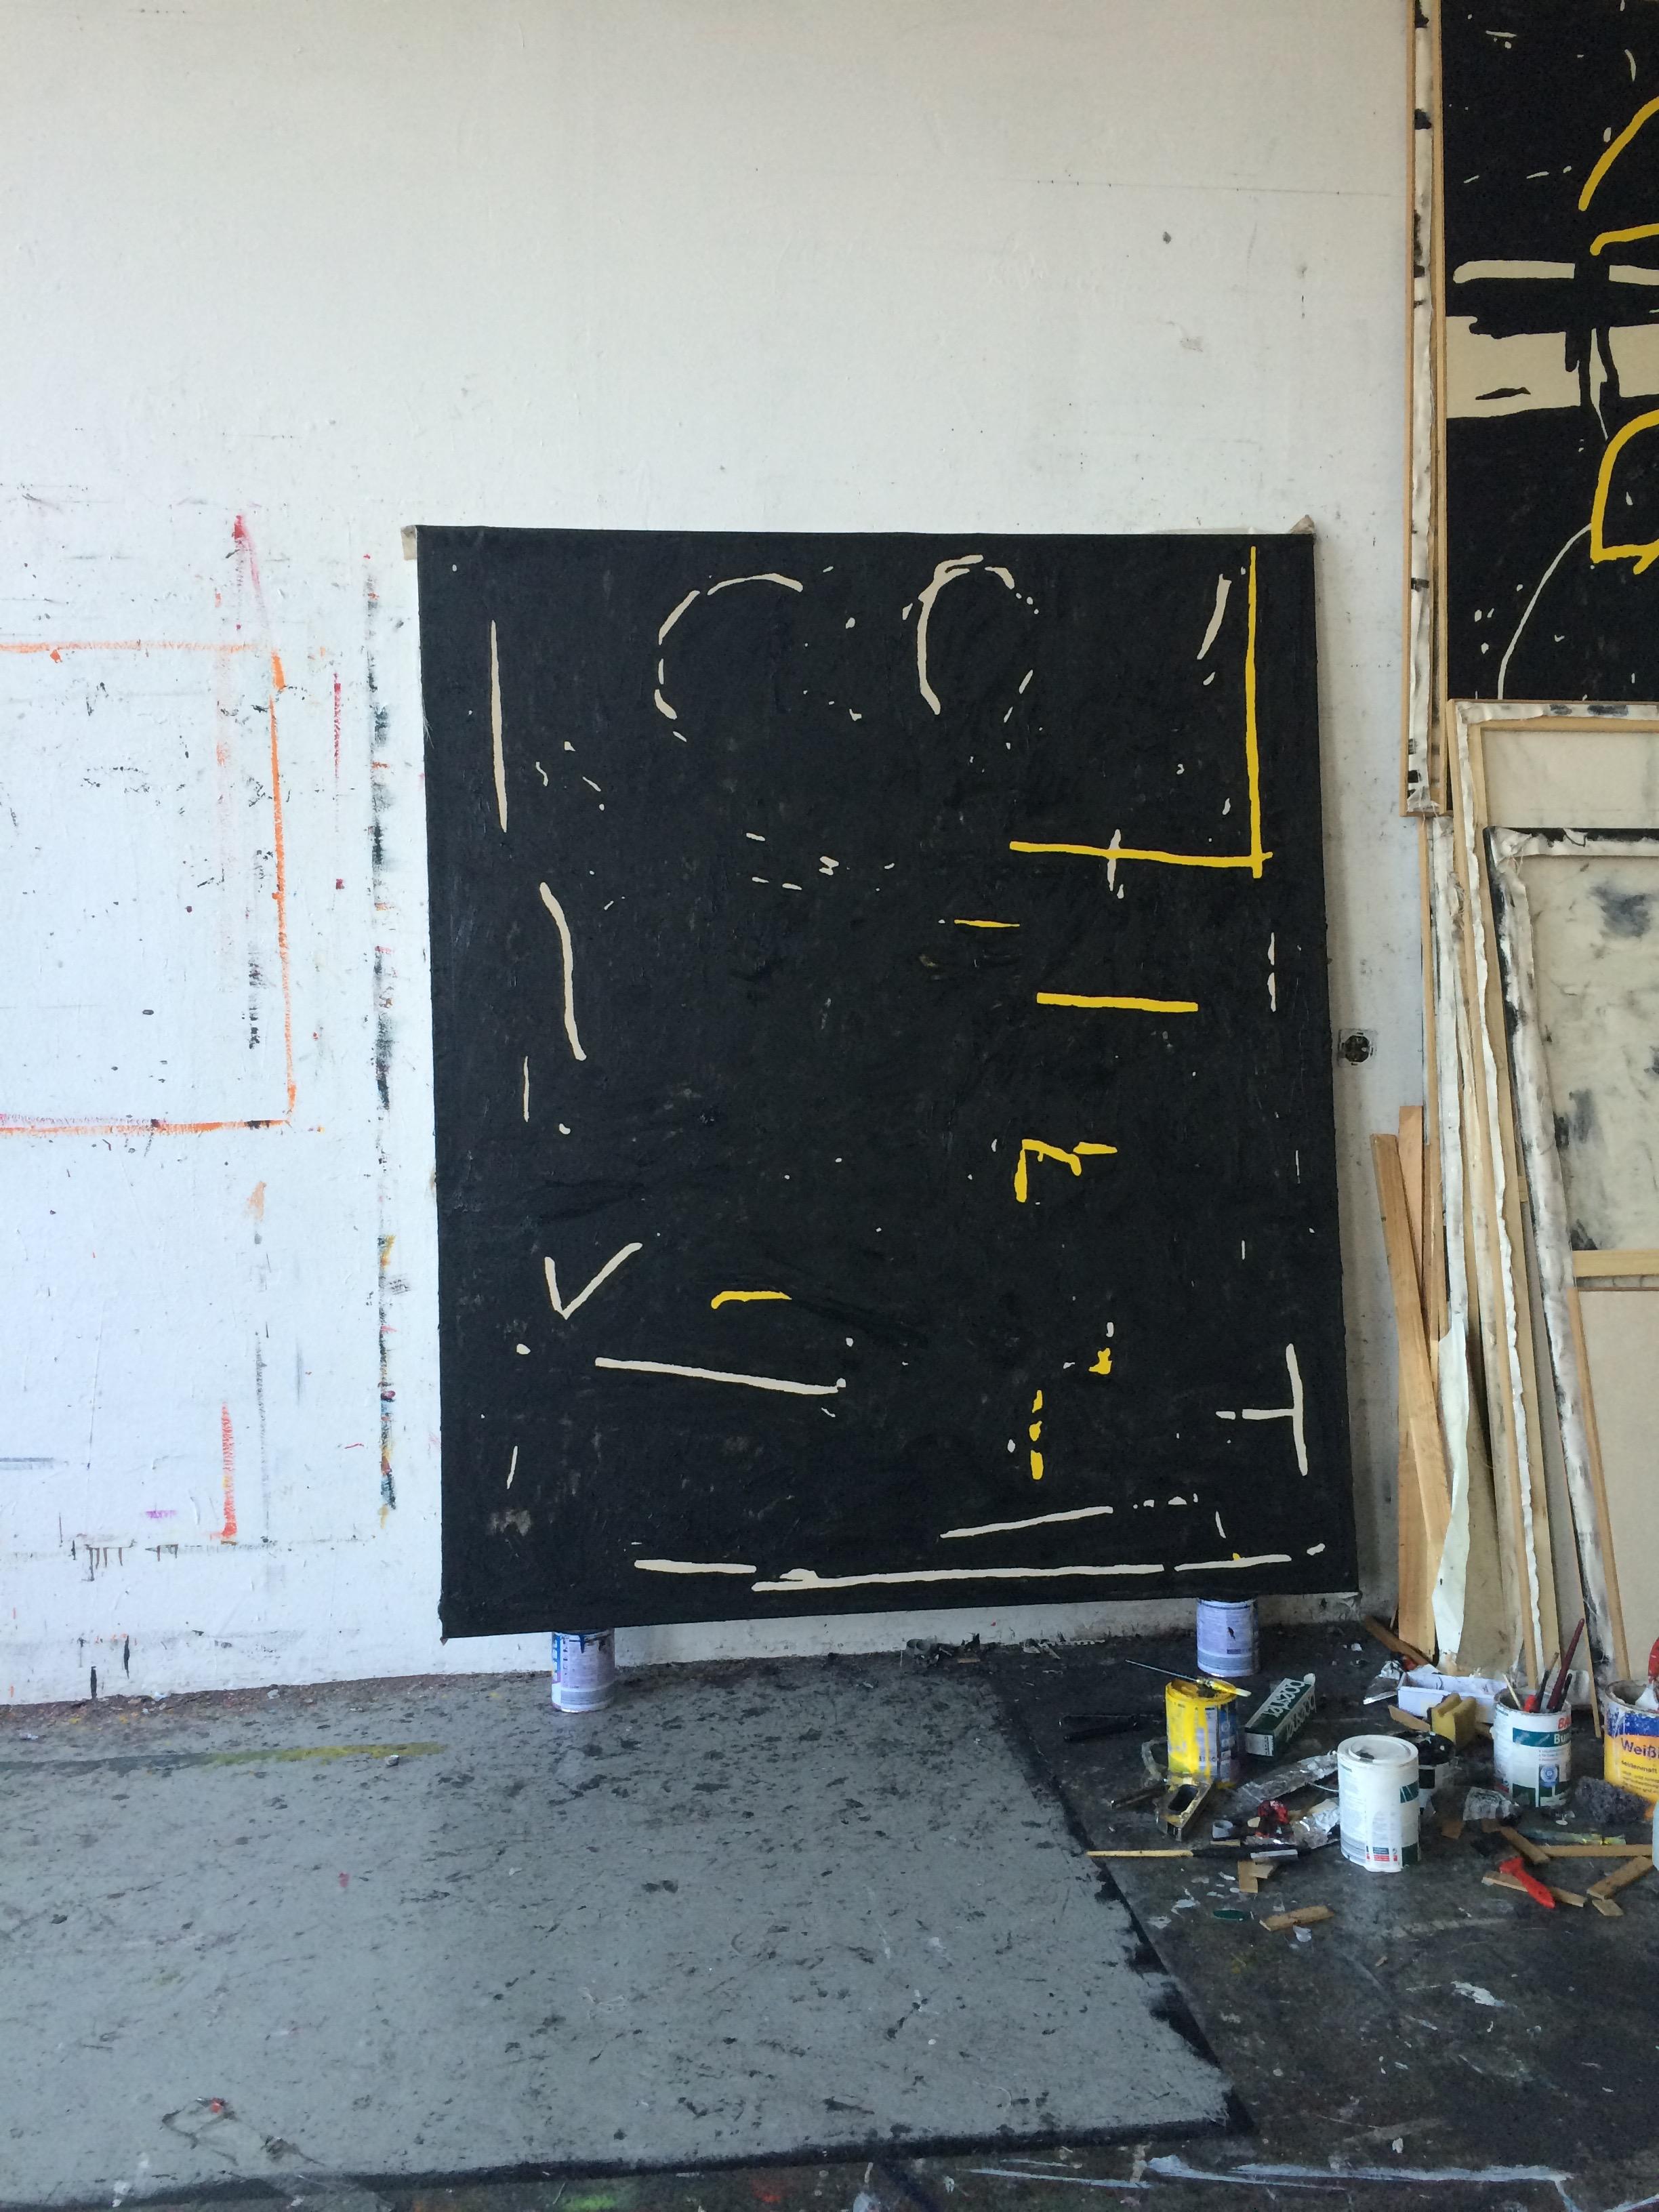 wolgang-voegele-studio-shots-1